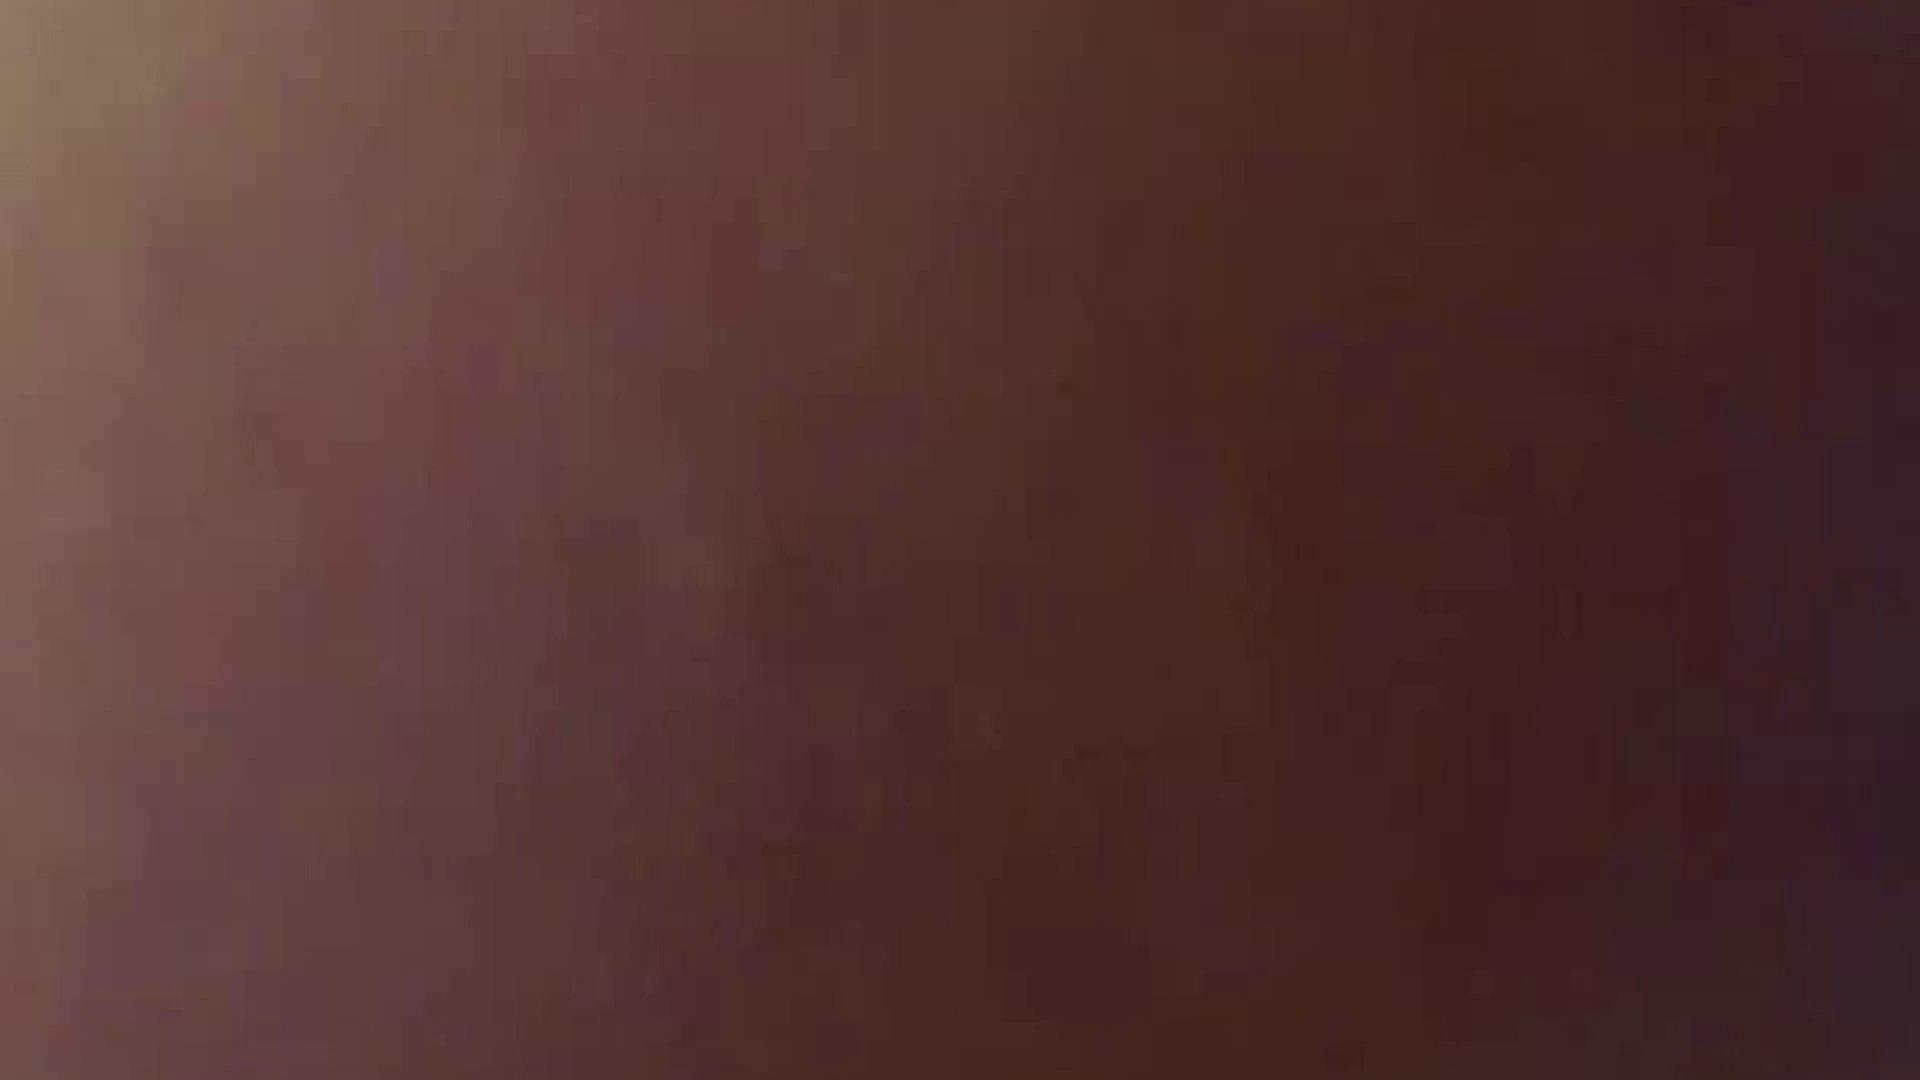 S級ギャルのハメ撮り!生チャット!Vol.13前編 美女まとめ  91PIX 75